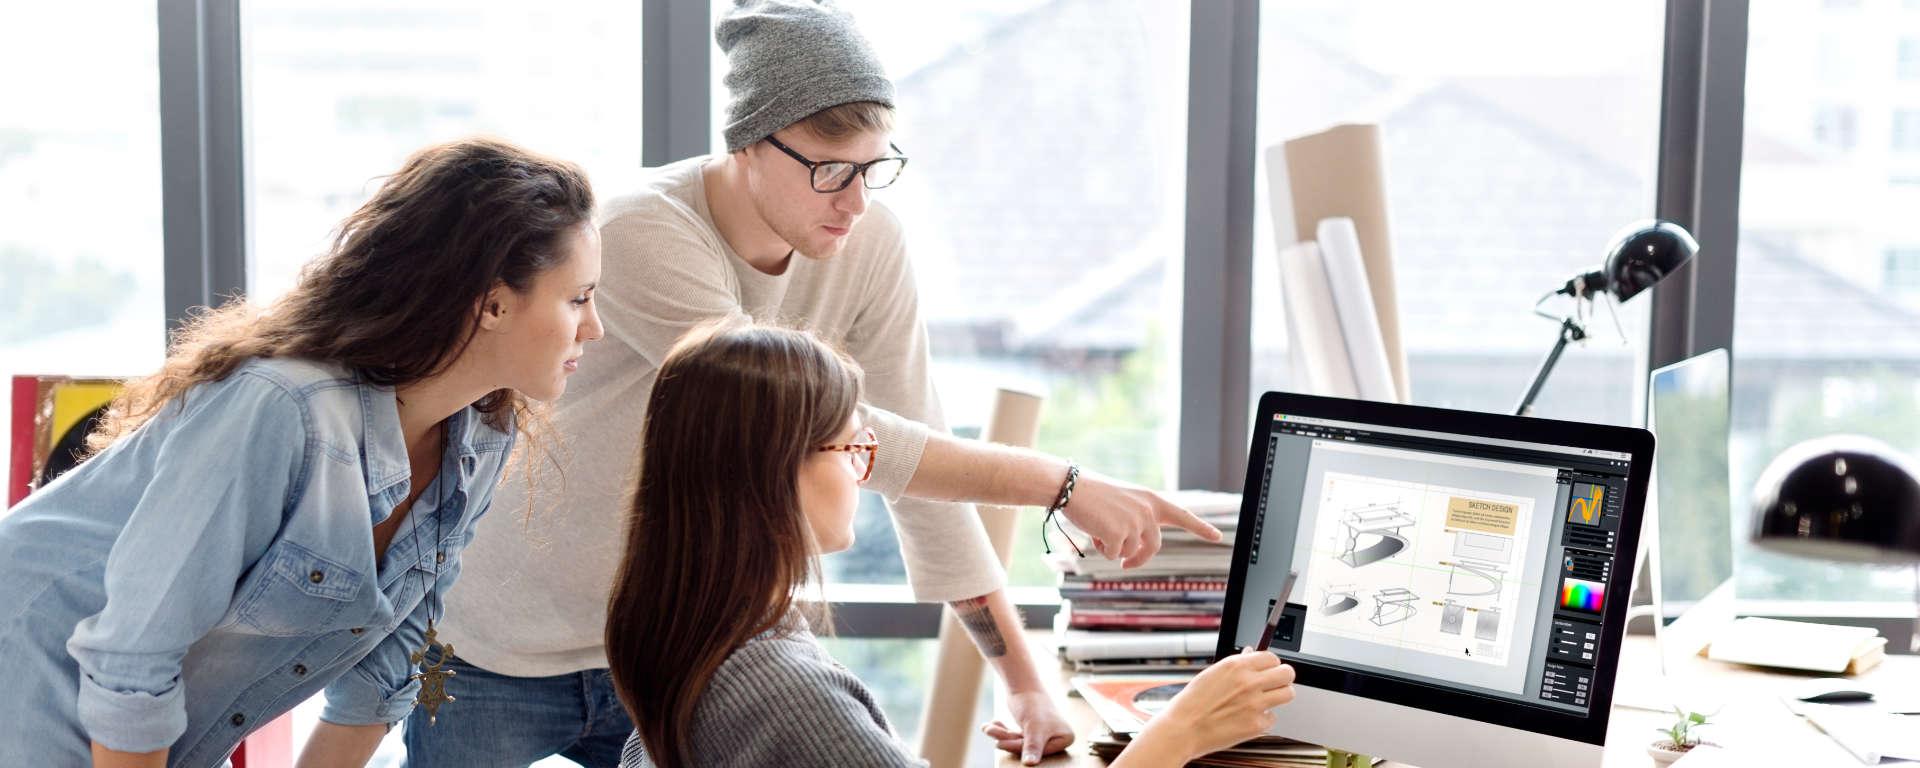 Contamos con una linea de servicios pensadas para emprendedores y Startup - El Asesor Online